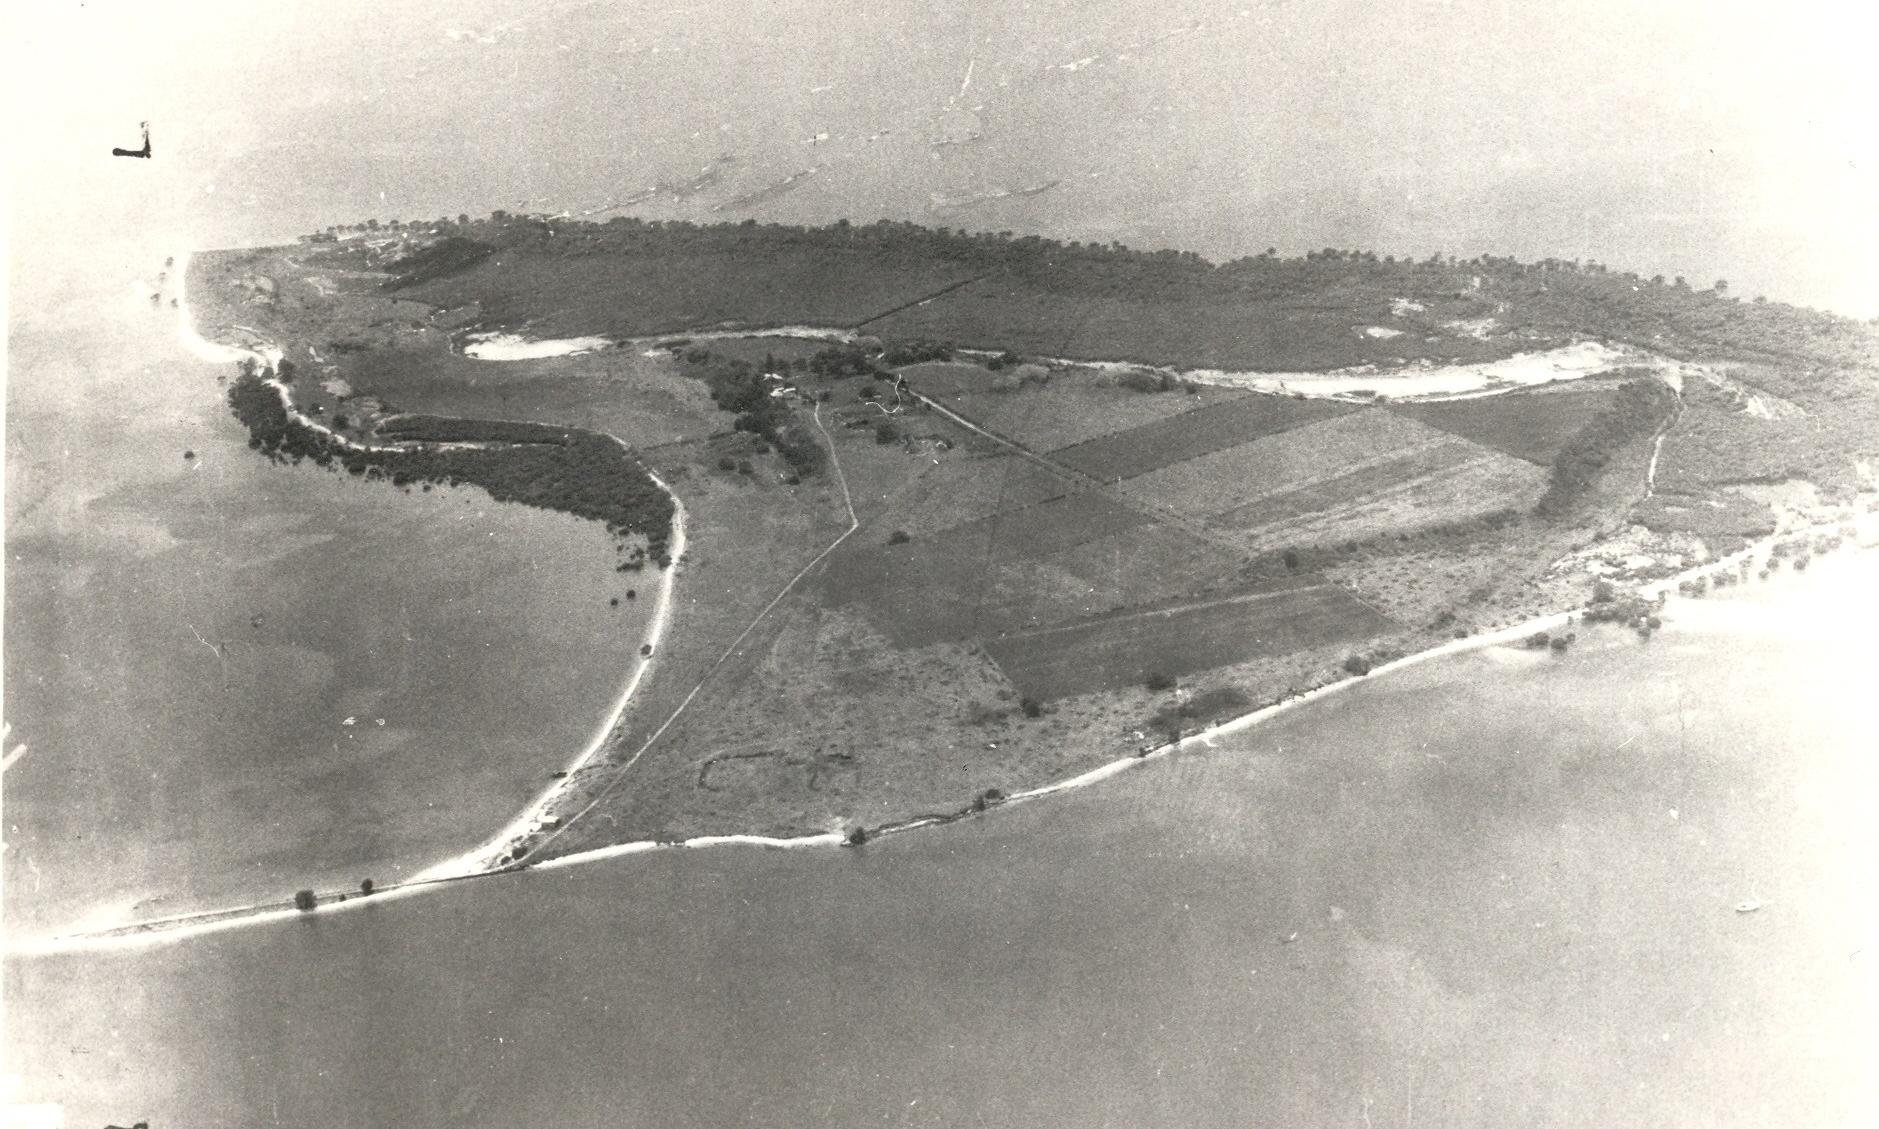 QNC 25 1962 Aerial